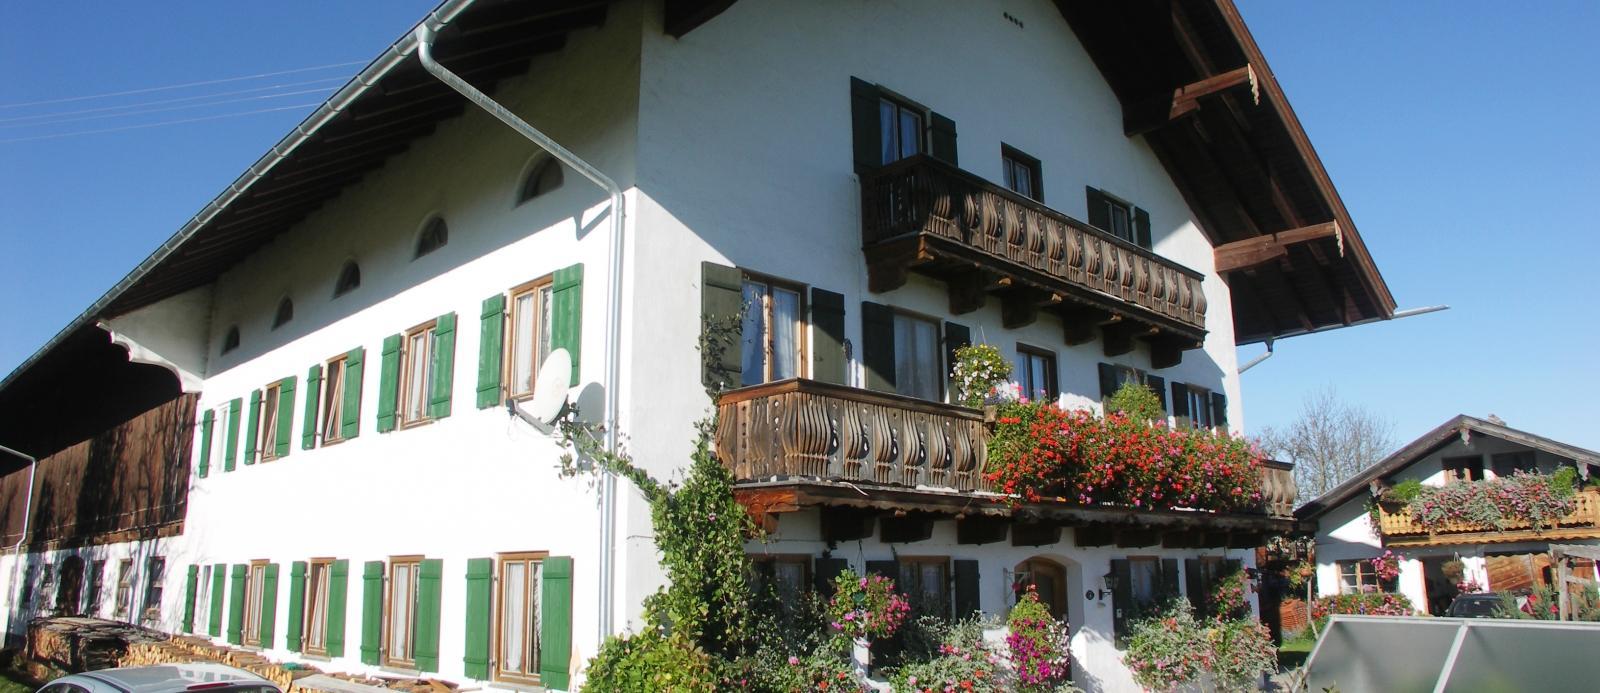 Der Ringlerhof mit Hofladen und feinen Eierprodukten